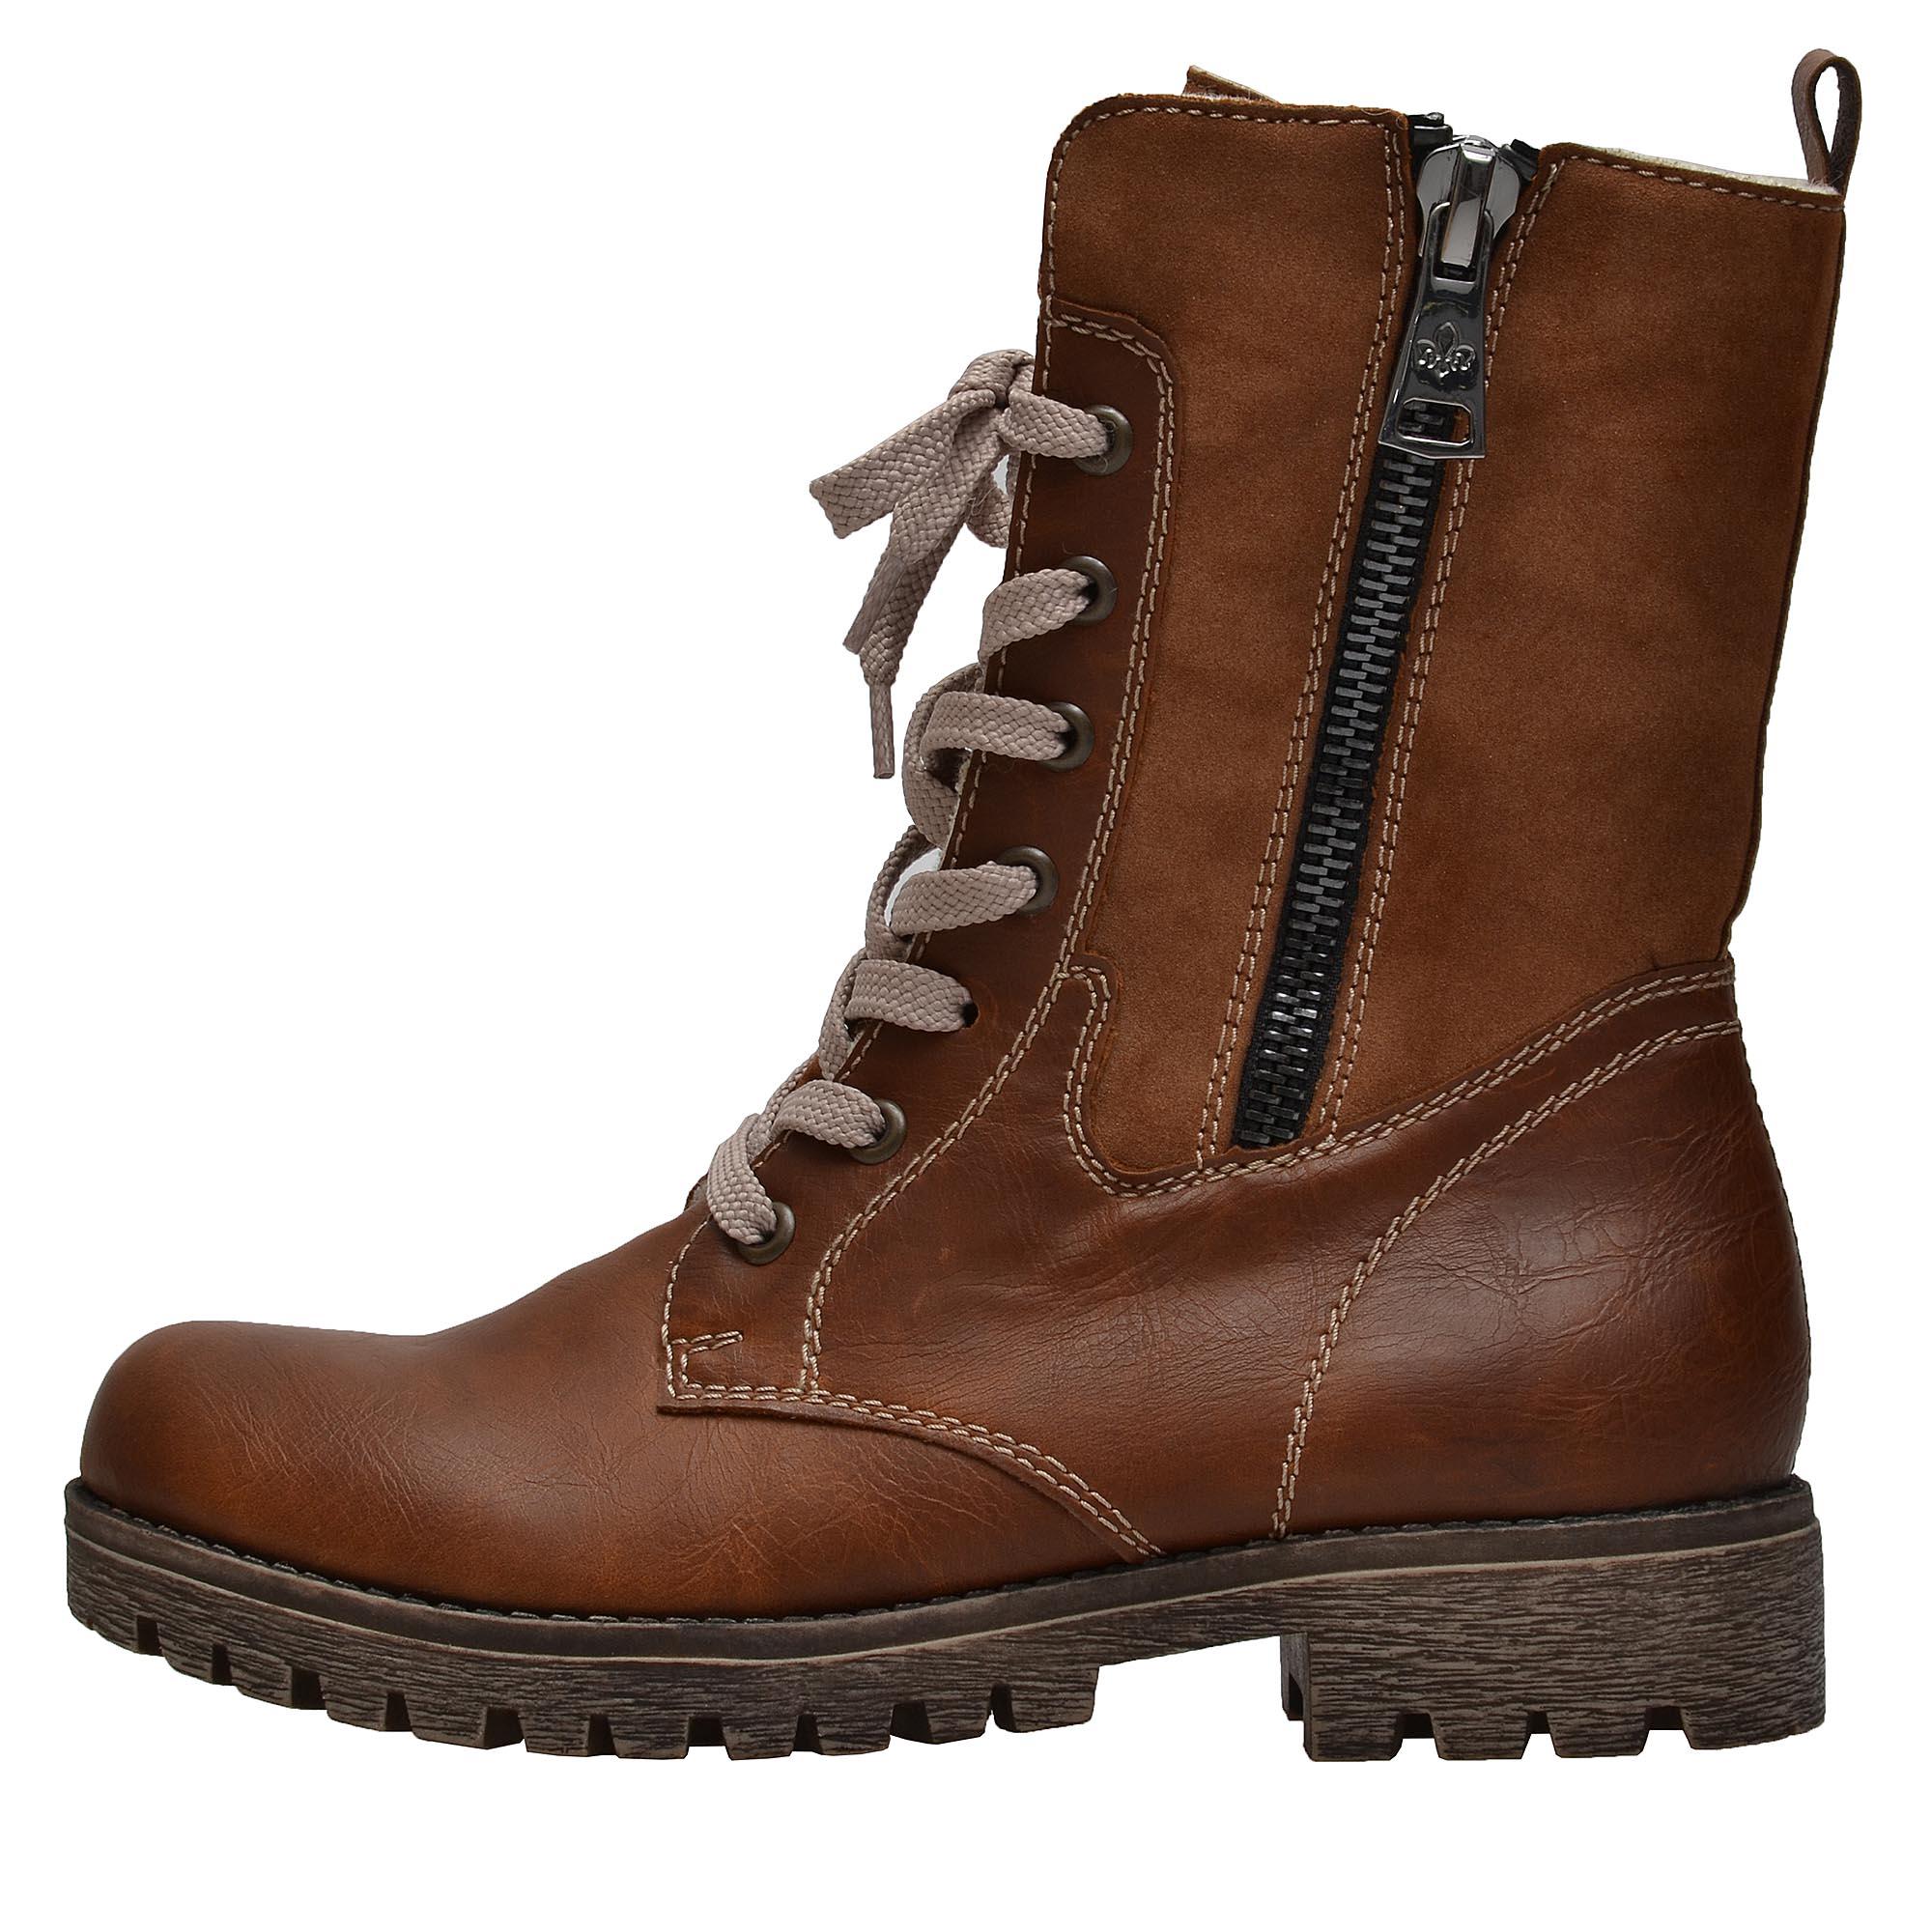 detail Dámska obuv RIEKER br 785K1 25 BRAUN KOMBI ... 984d91e2f79